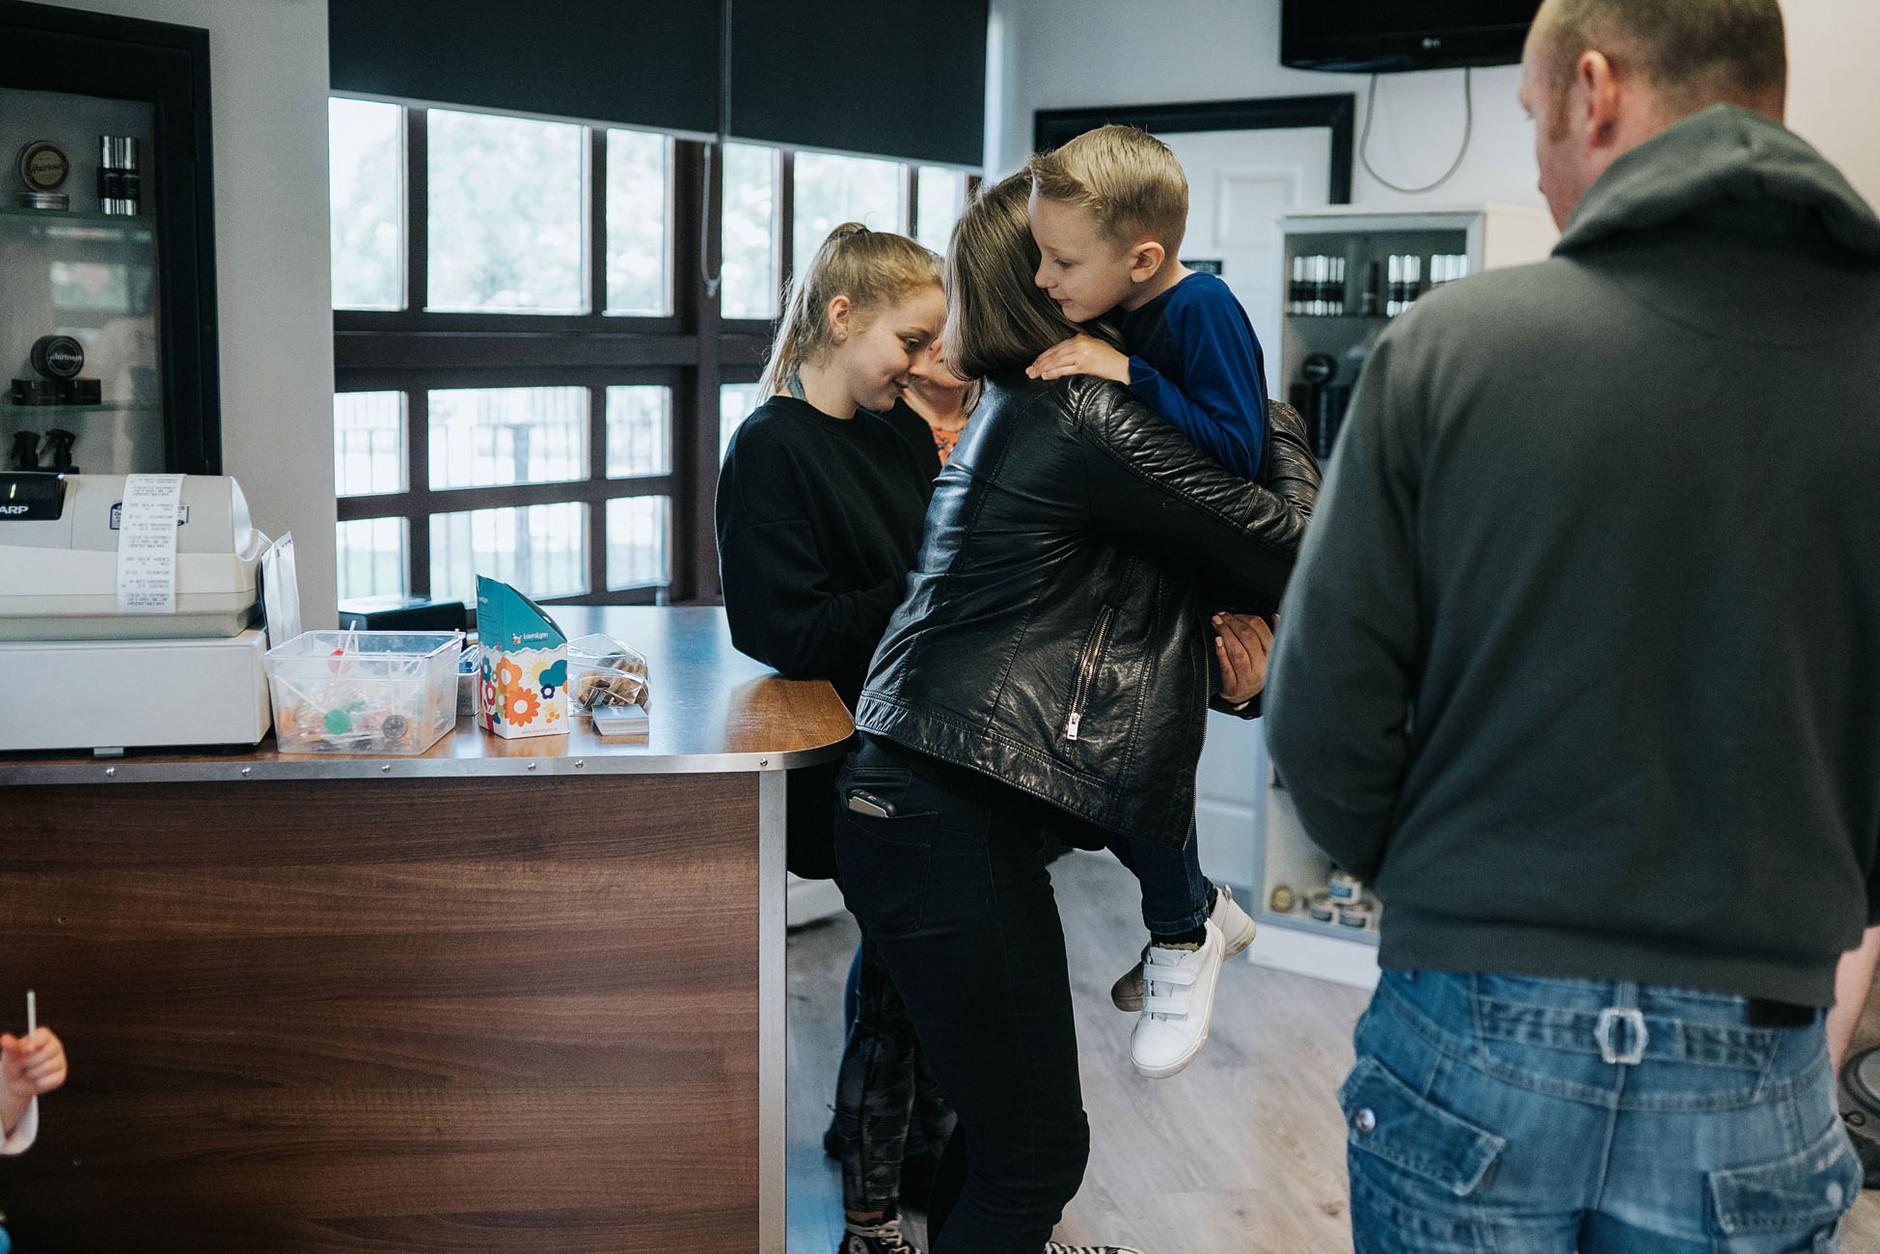 dublin-documentary-family-photography-finn-haircut-0038.jpg